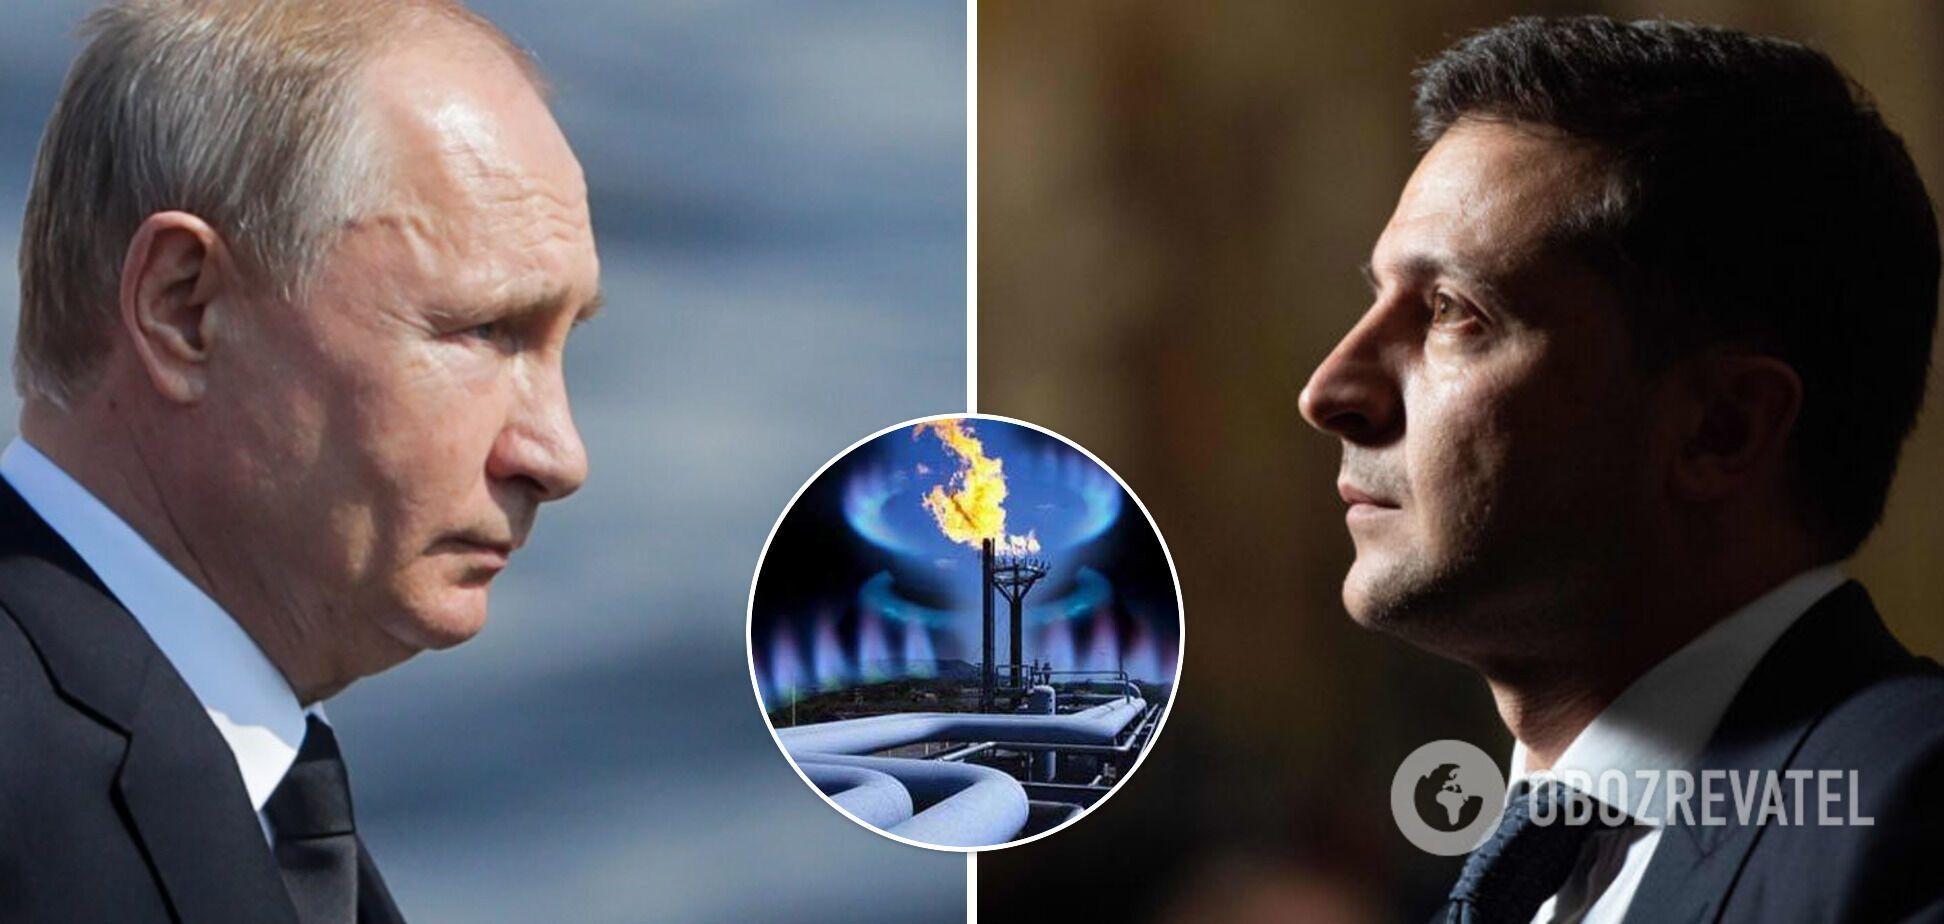 Скидка Зеленского и интересы Путина: чего ждать на 'газовом фронте'